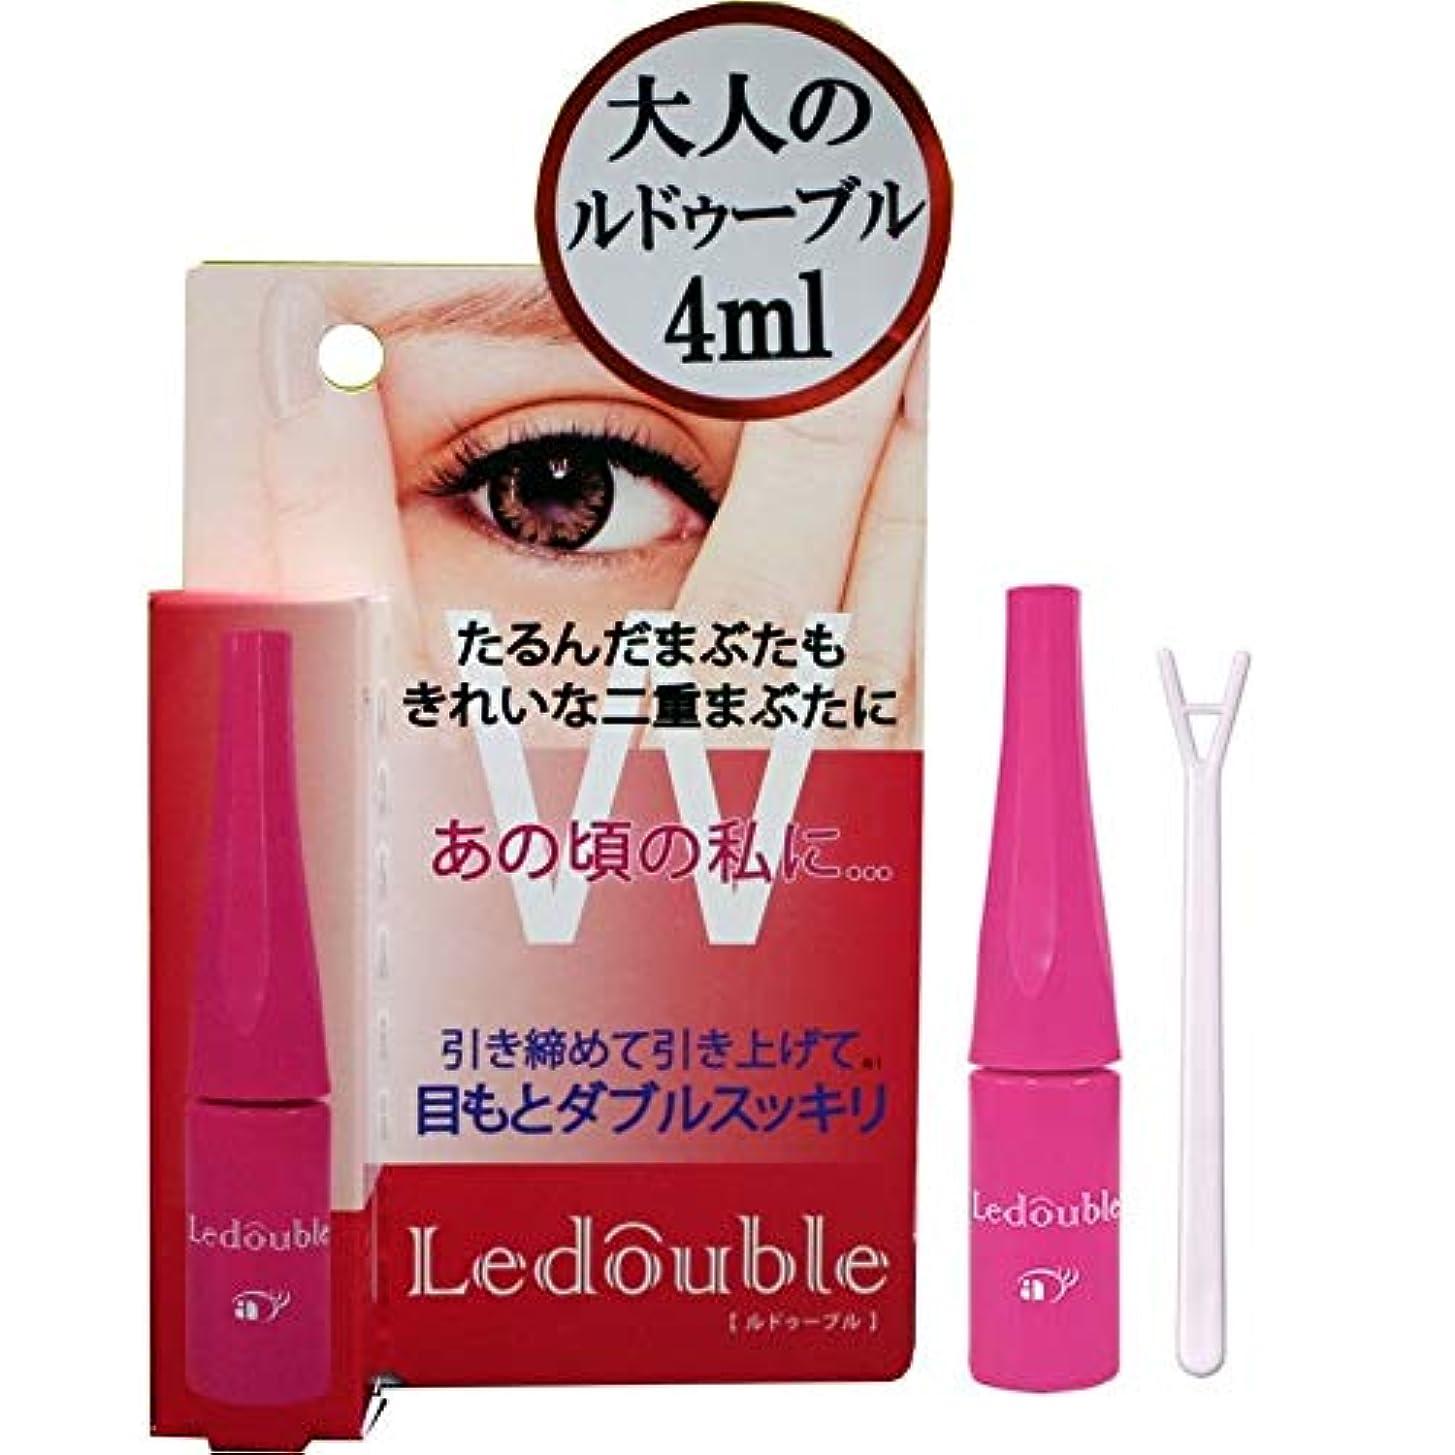 悪い正確さプライバシー大人のLedouble [大人のルドゥーブル] 二重まぶた化粧品 (4mL)